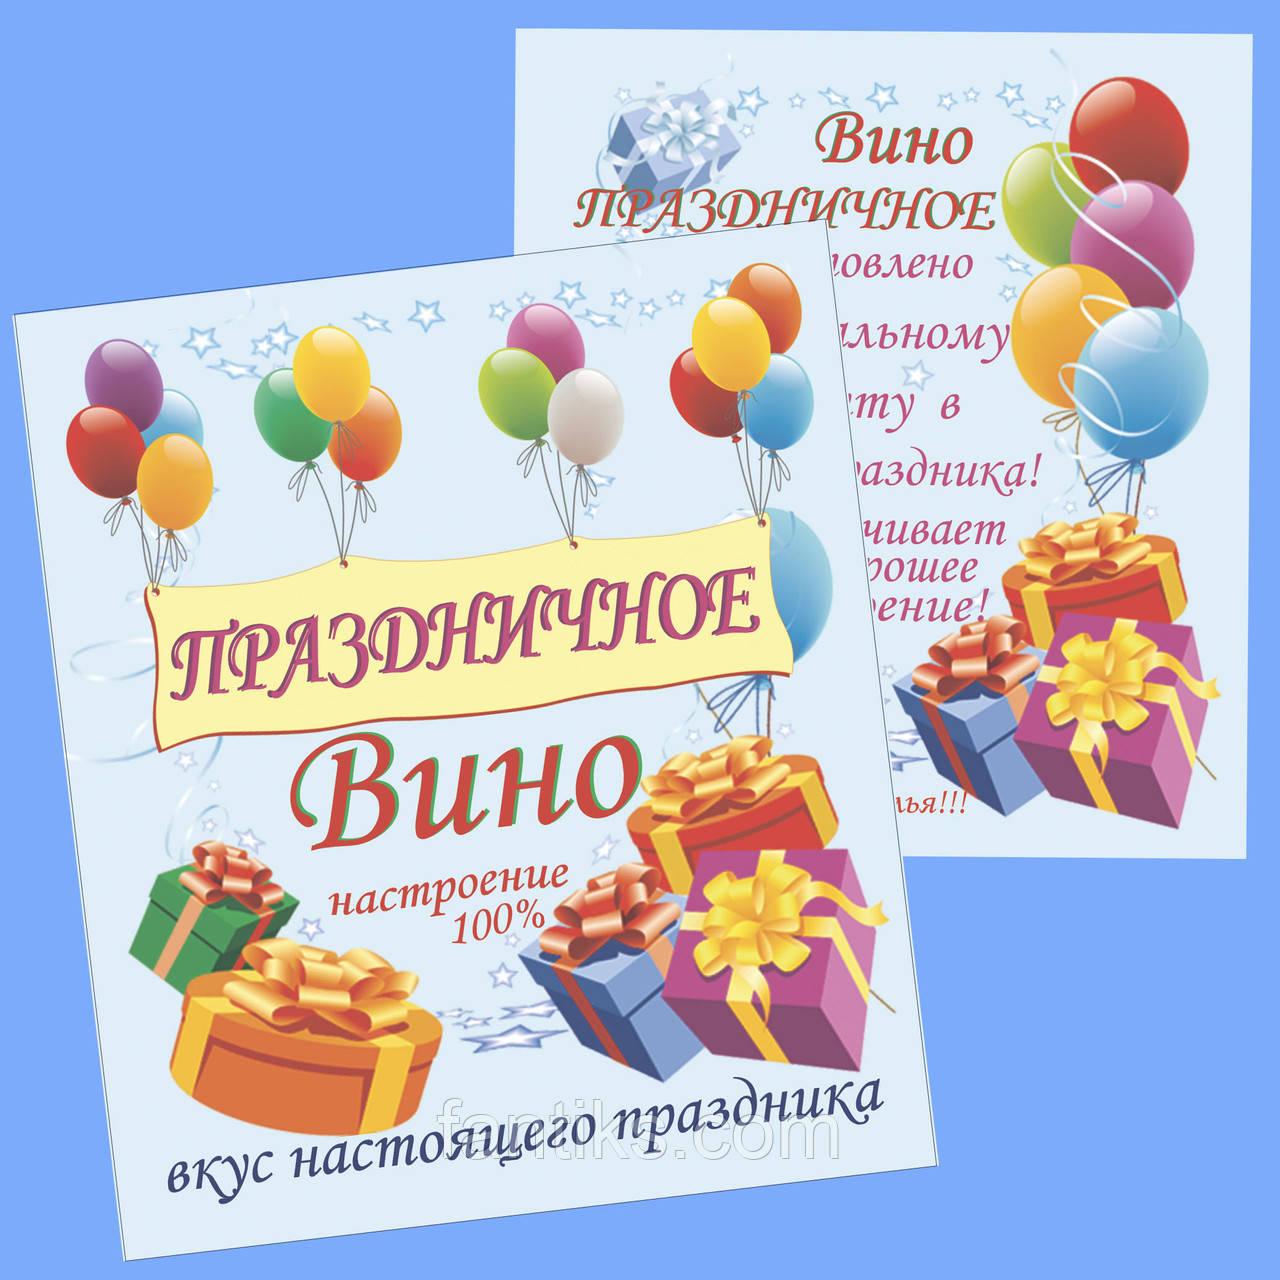 """Вино """"Праздничное"""" - комплект сувенирных наклеек на бутылку"""